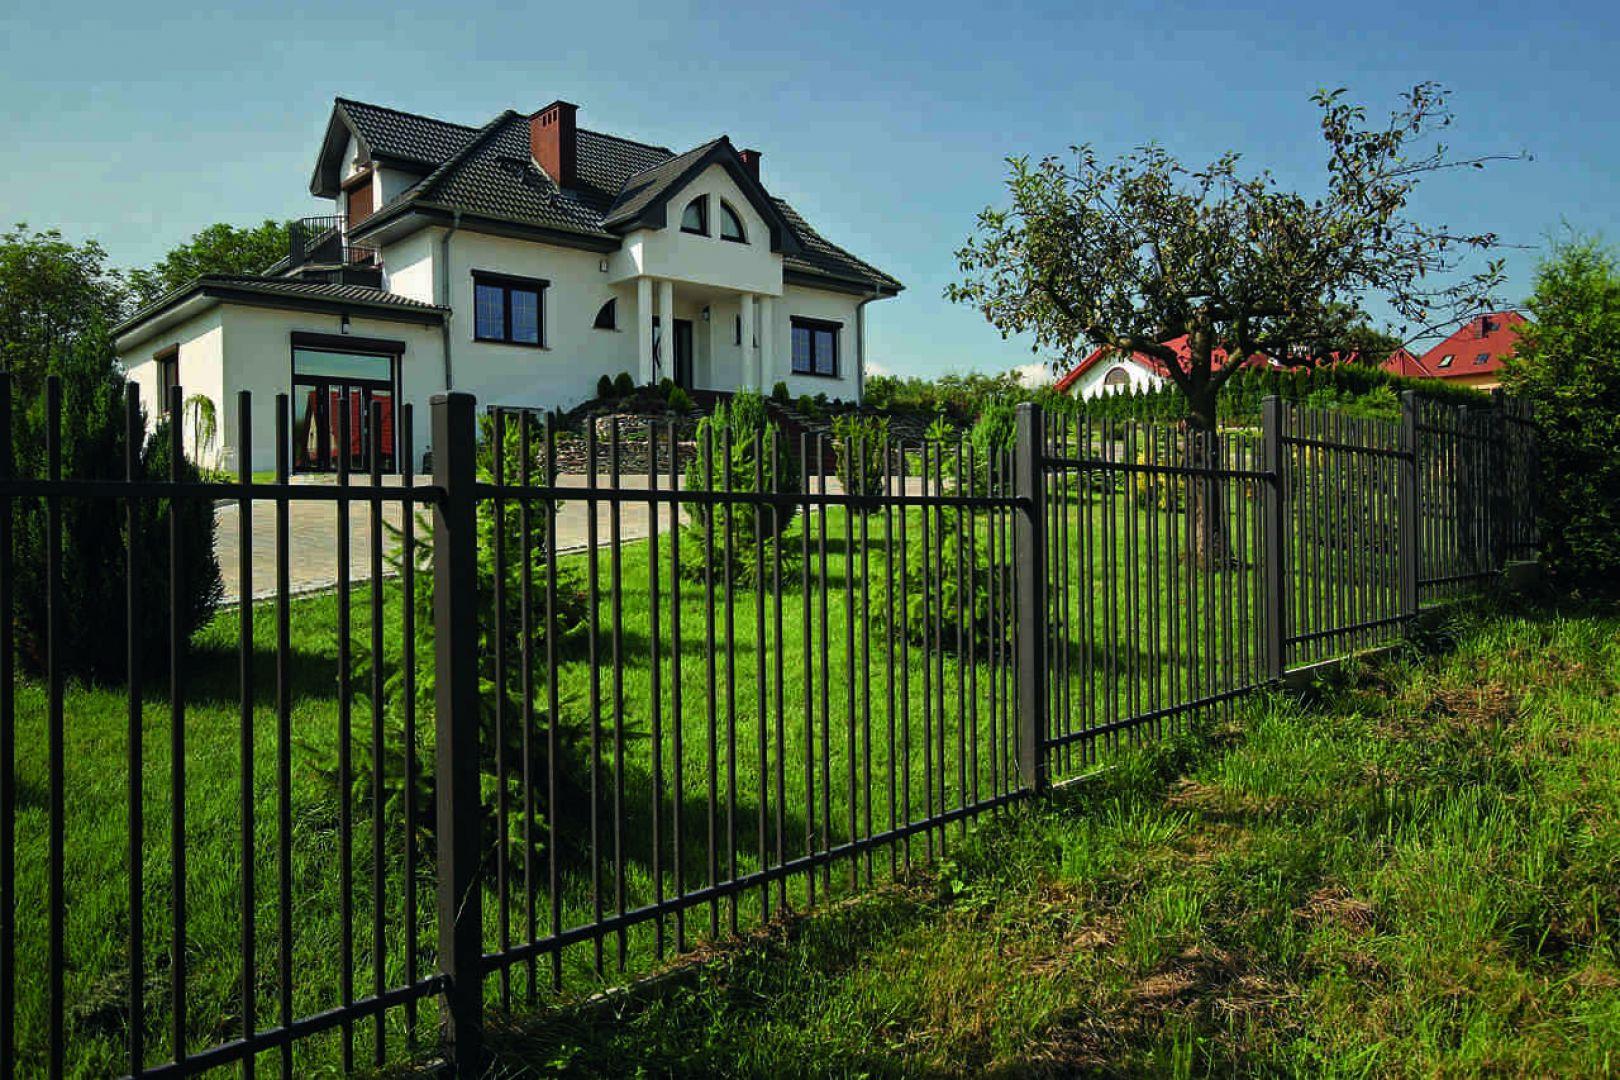 Dopasowując ogrodzenie do domu w stylu klasycznym warto sięgać po formy lekko stylizowane, czyli nawiązujące klimatem do budynku. Fot. Plast-Met Systemy Ogrodzeniowe